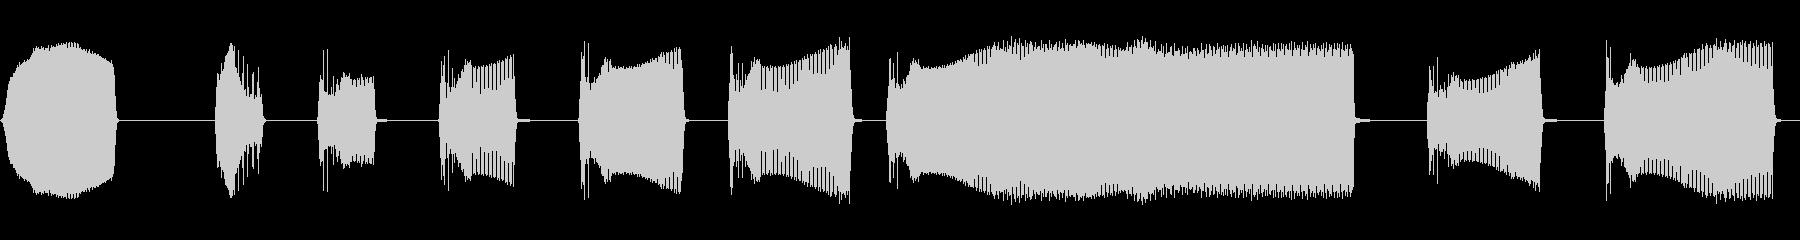 中空IDビープ音の未再生の波形